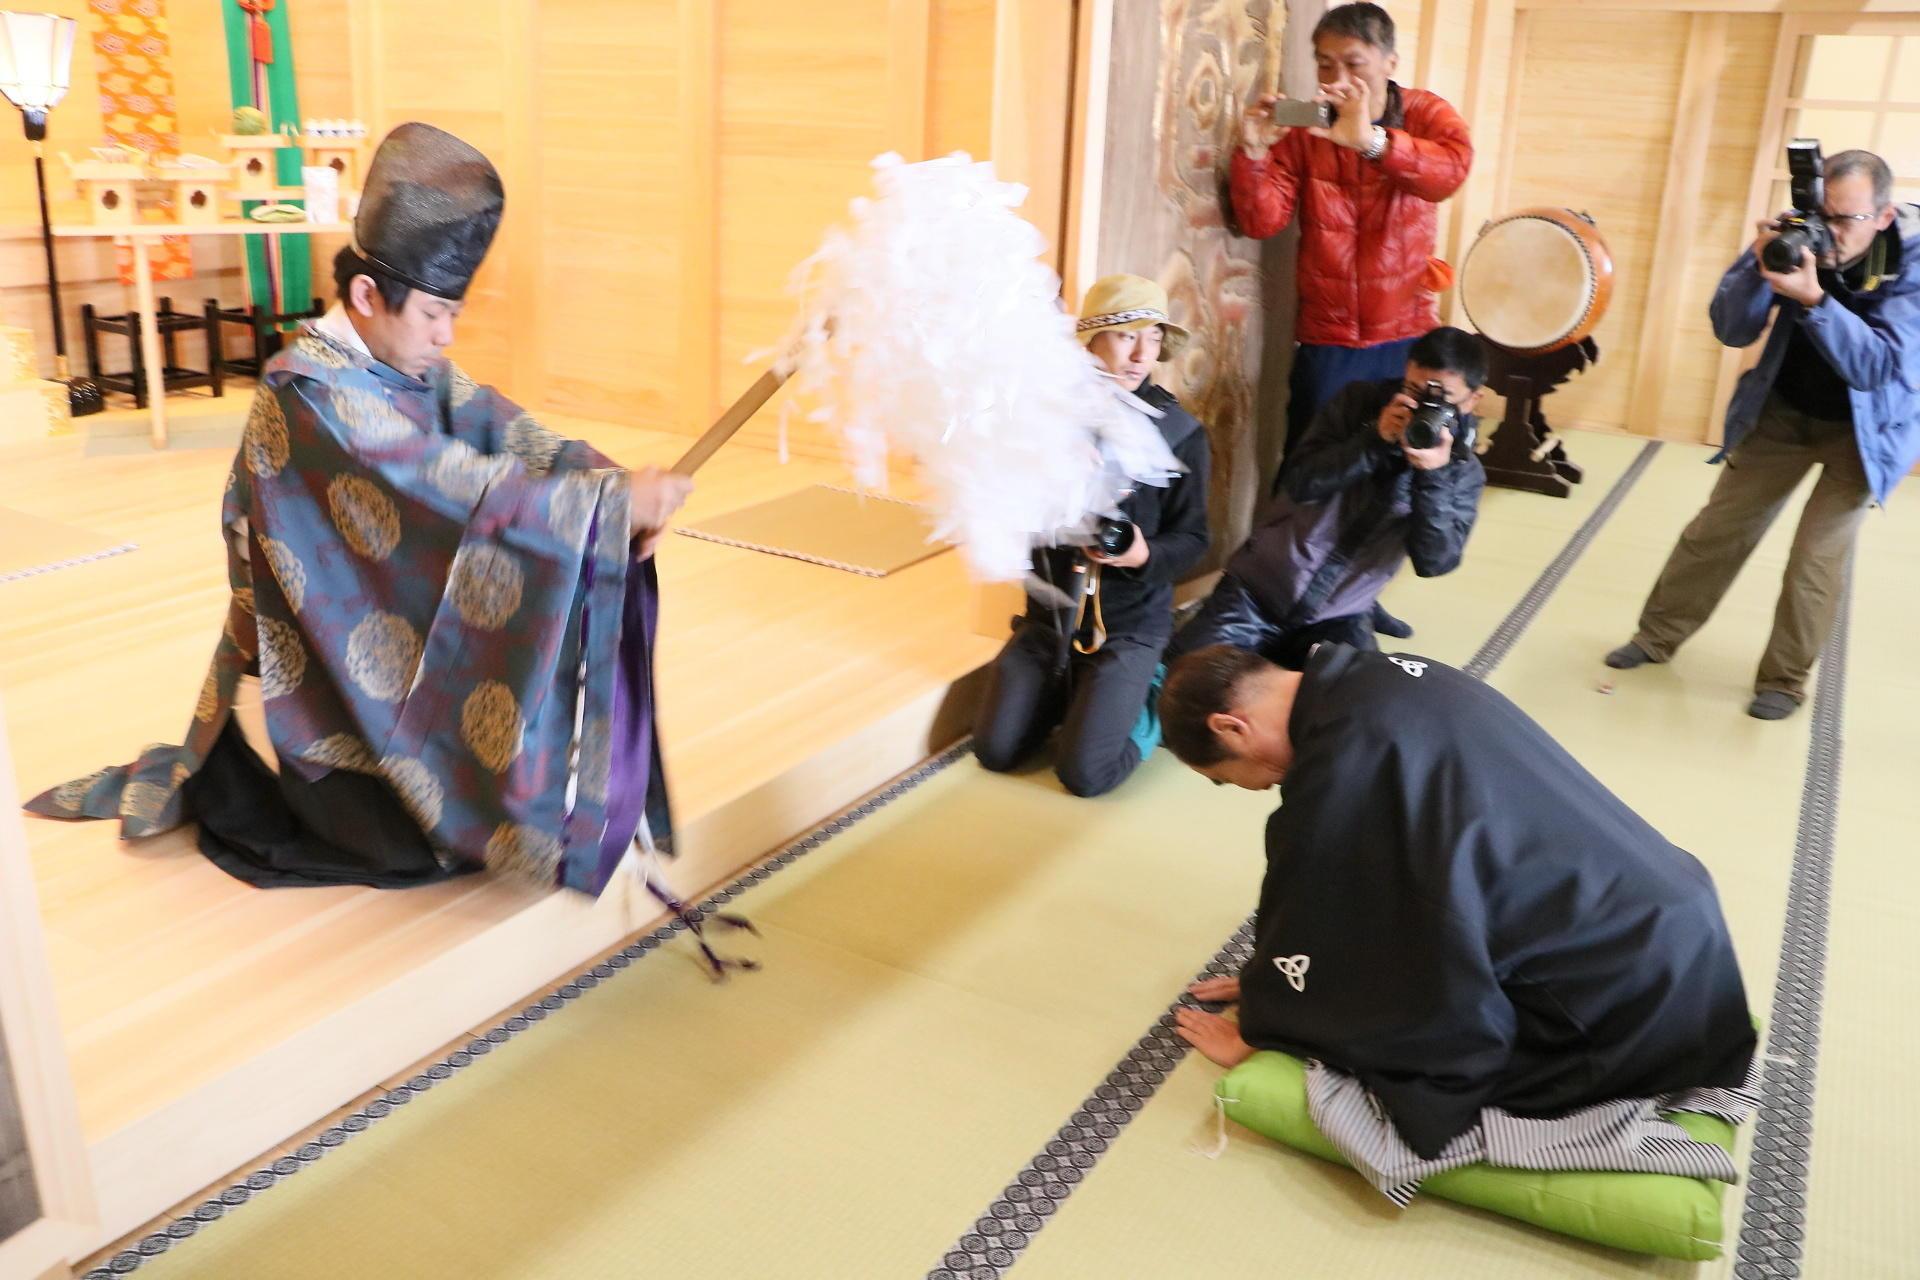 http://news.yoshimoto.co.jp/20170714101359-9a1ed90c999b38f90ab7921f722bd3d027cd3219.jpg